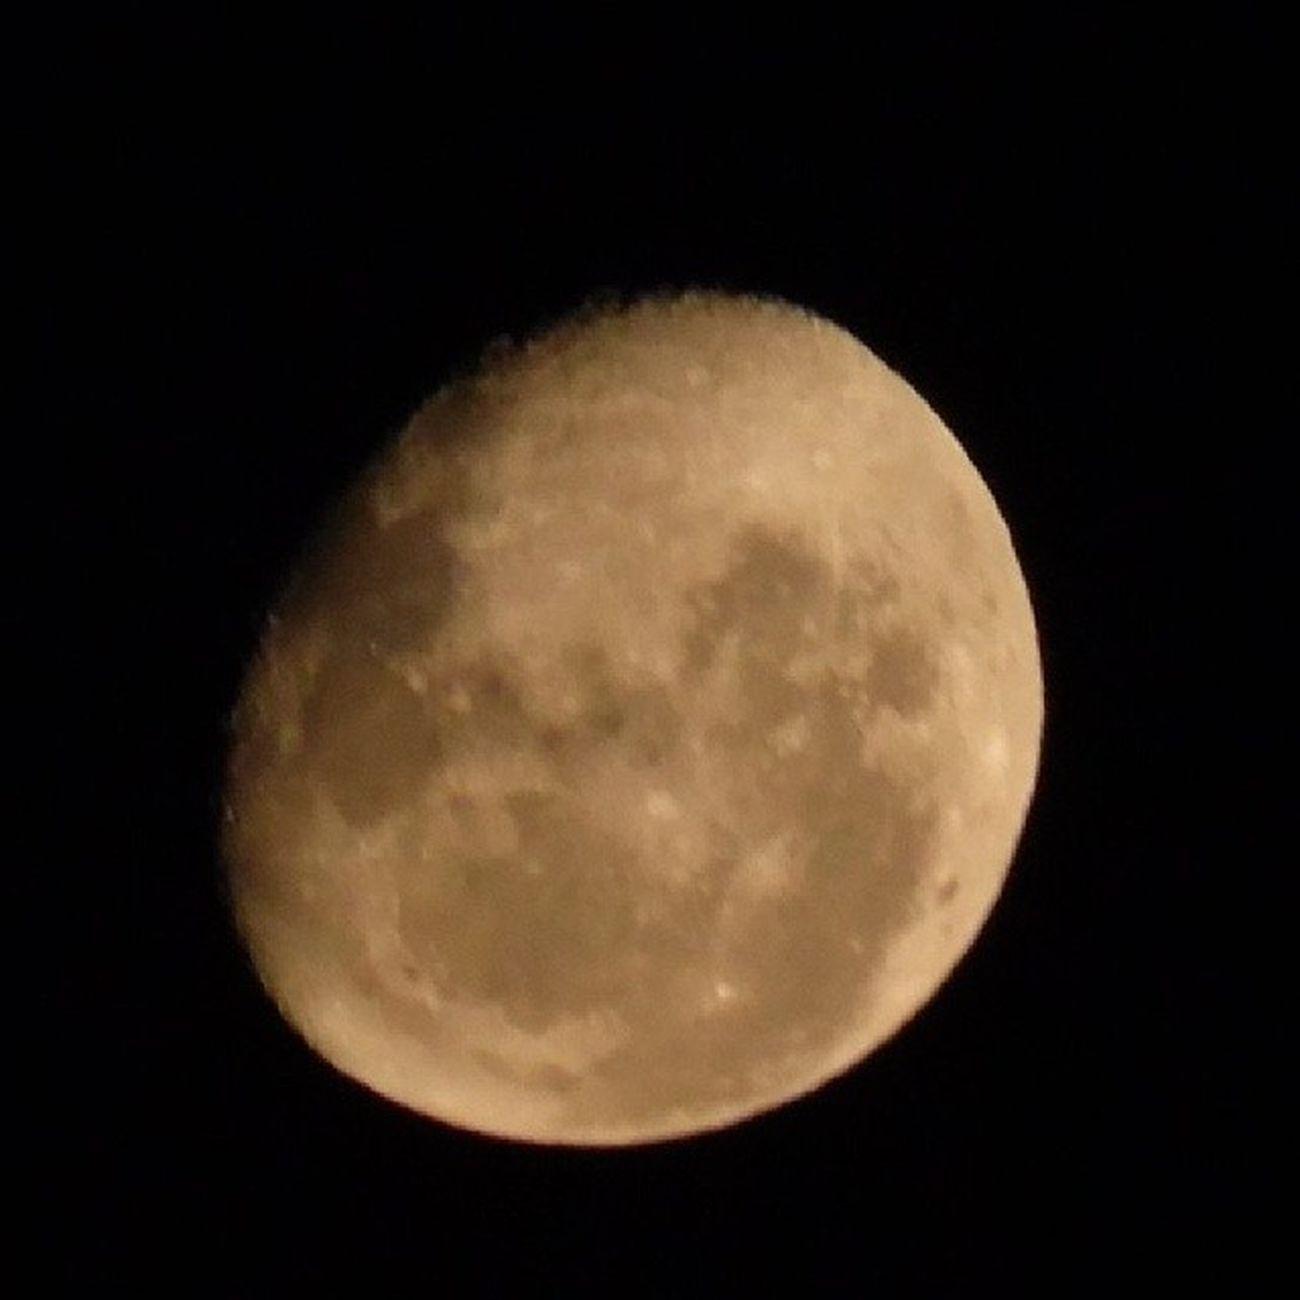 Meu canto é lua e silêncio Segredo dos pensamentos Que envelheceram no tempo Por uma prece -- olvidada - Que volta em canto de estrada Na lua clara dos ventos Meu Canto Lua dos Ventos - Lisandro Simões e Adriano Silva Alves